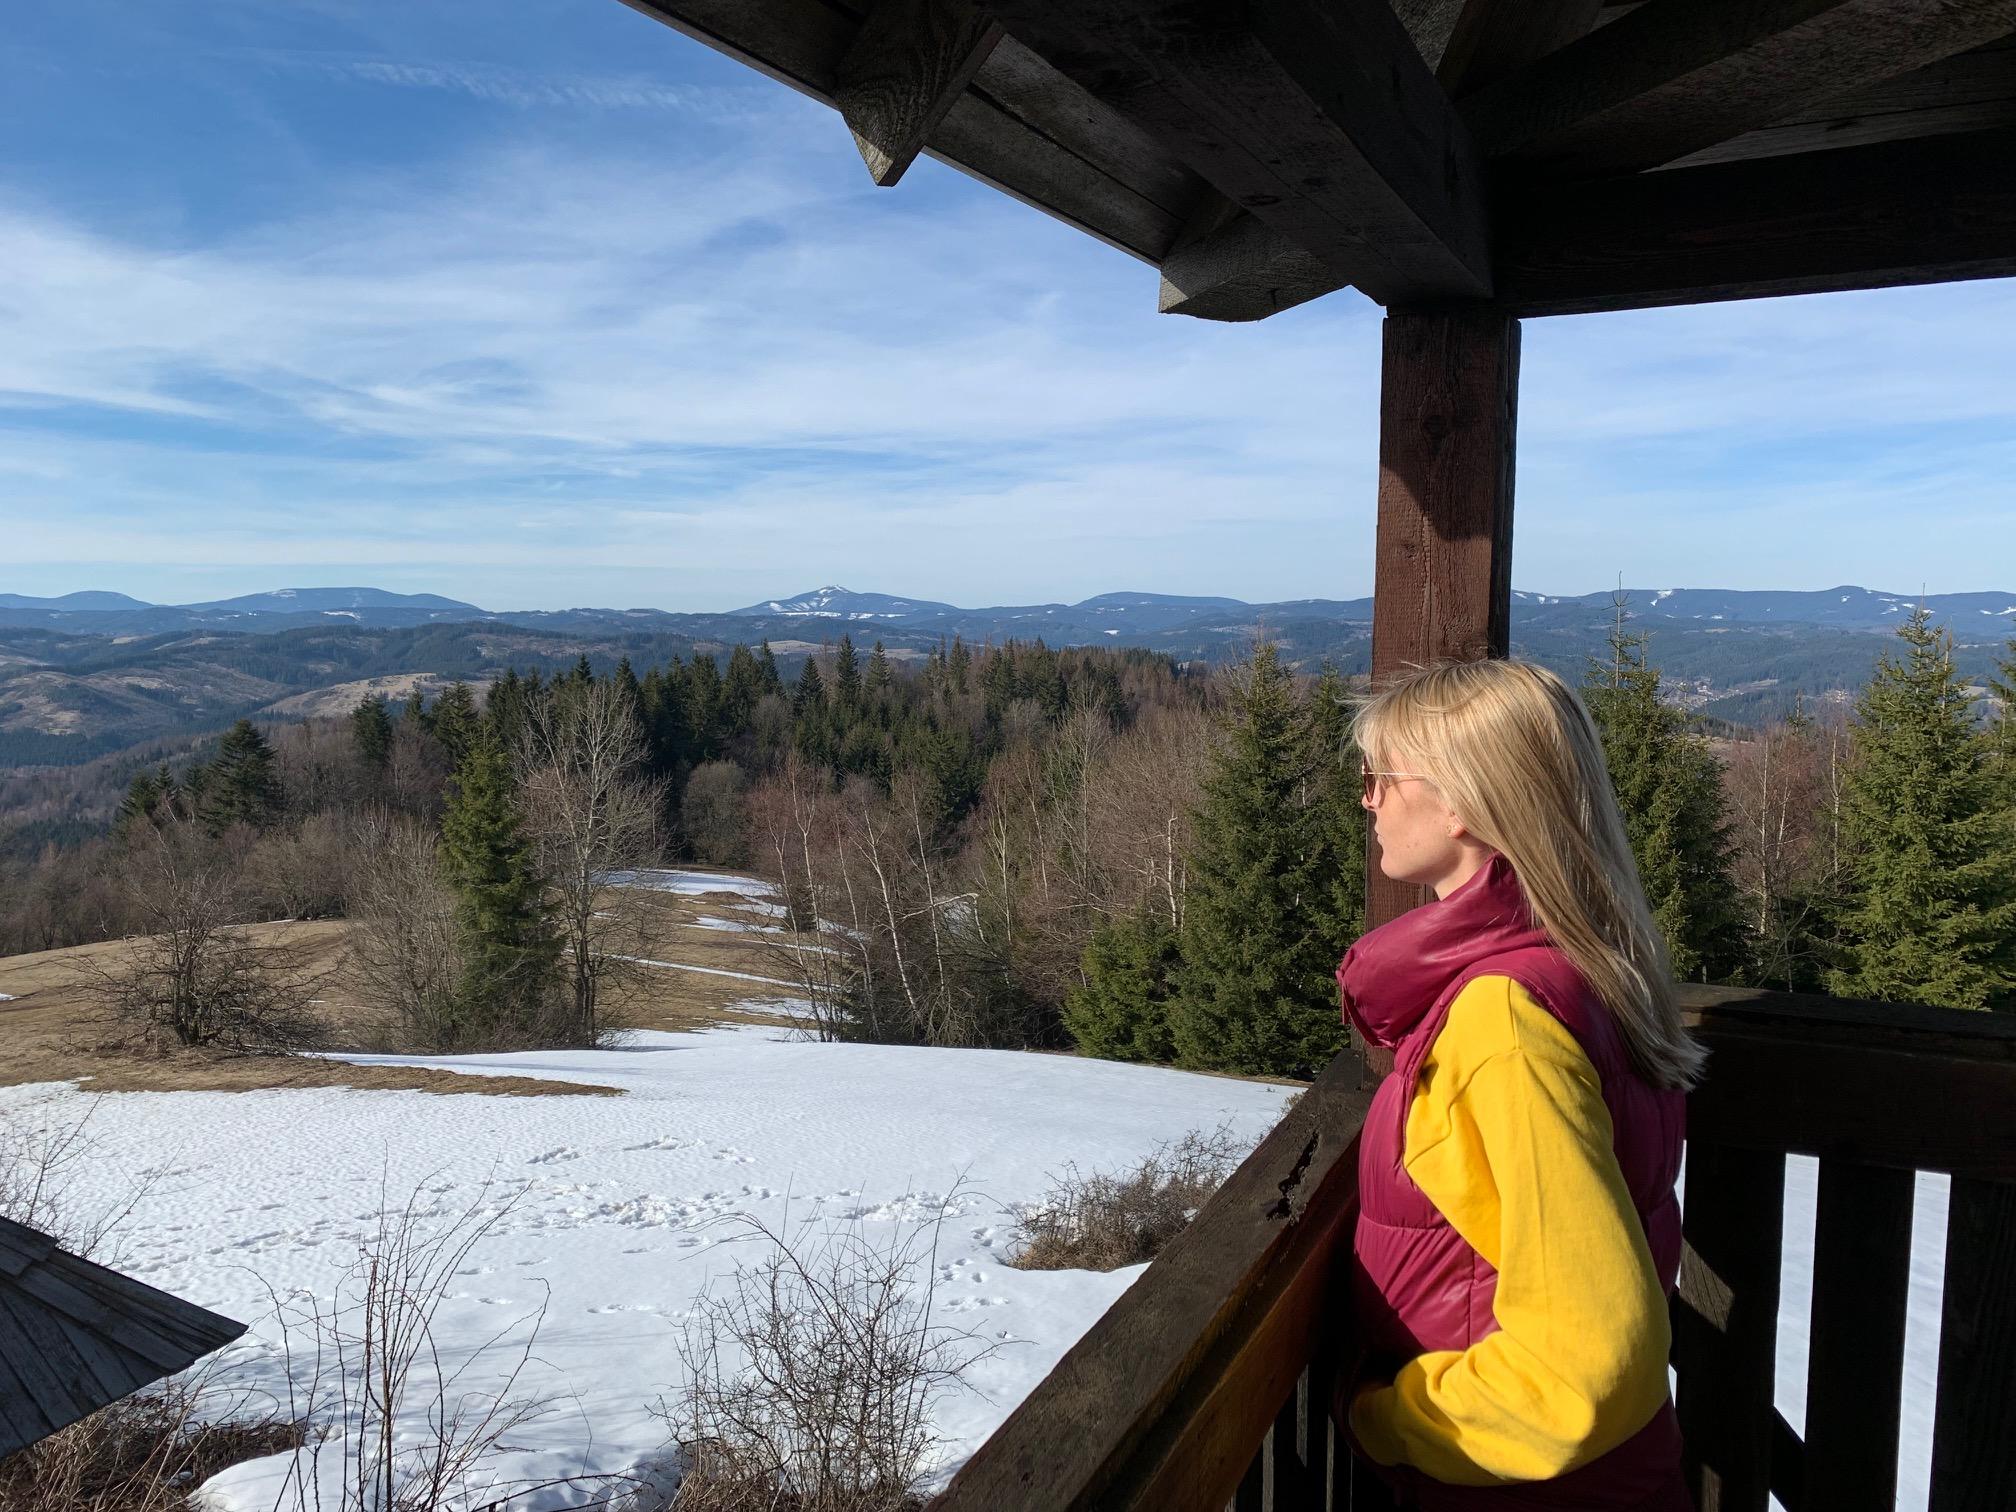 Nádherné výhľady pri českom pohraničí - rozhľadne Kamenité, Zarúbaná Kýčera, Stratenec, Malý Jelenec